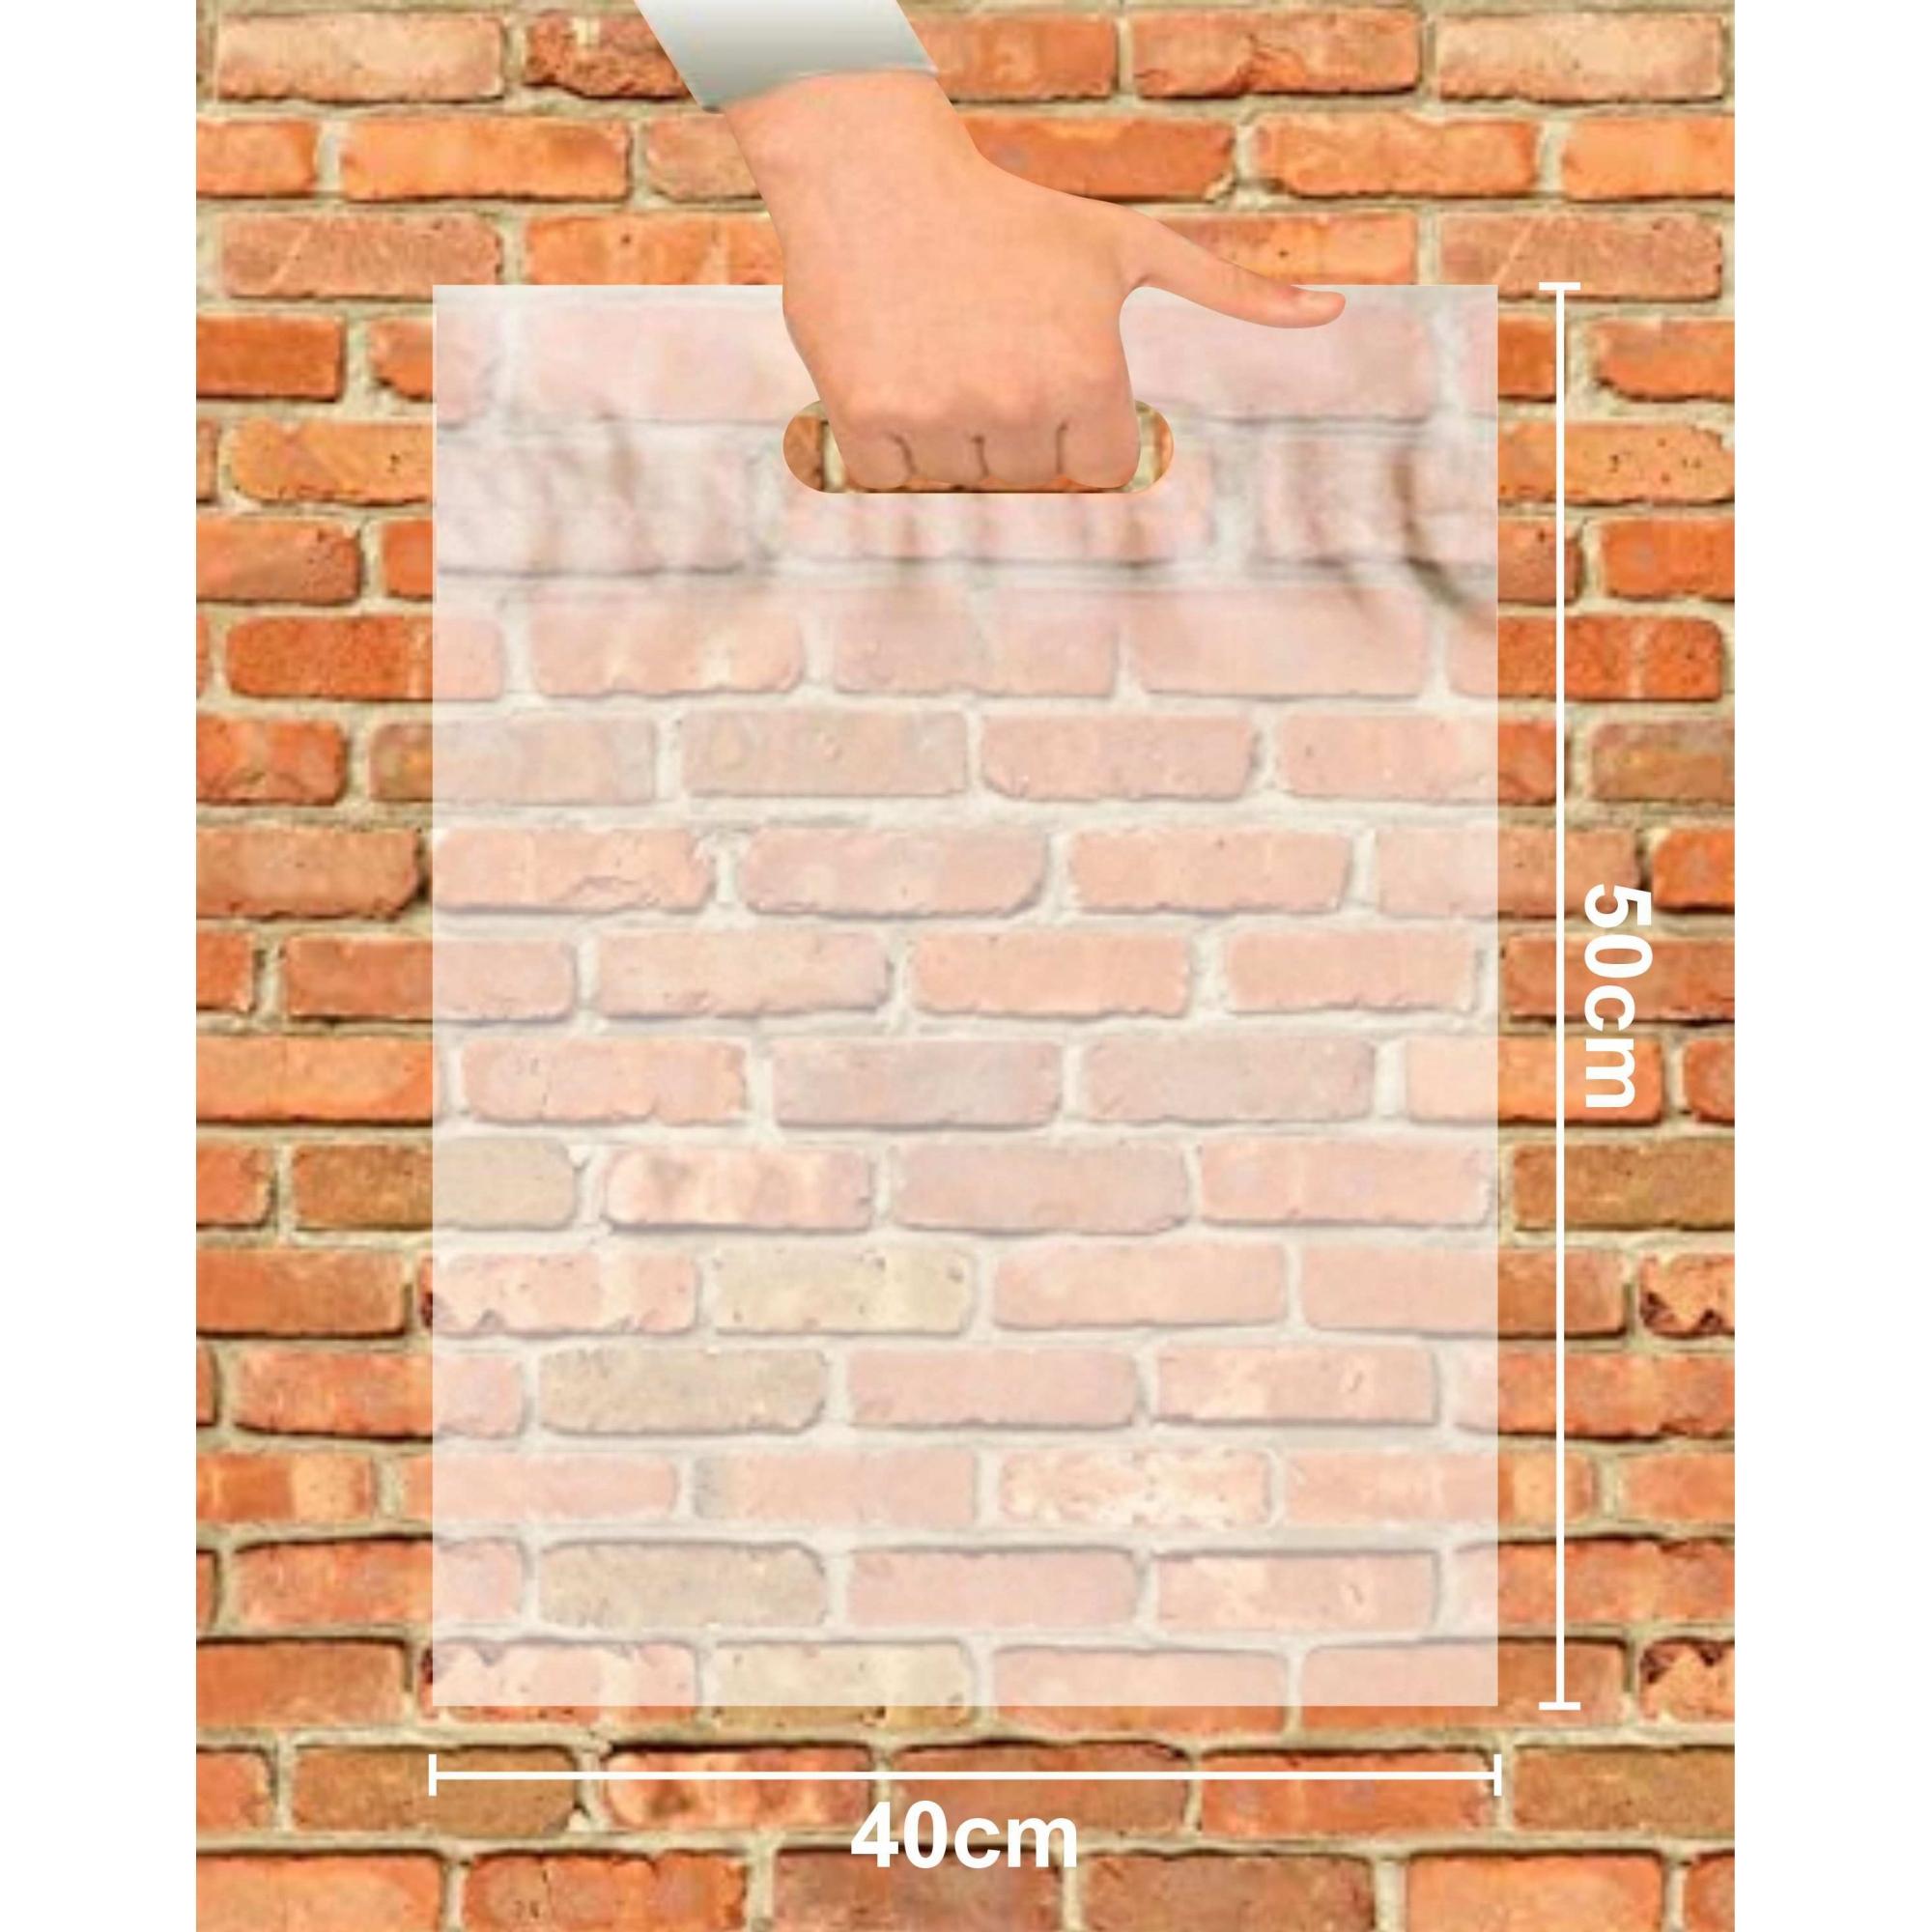 Sacola Plástica 40x50 Transparente Alça Boca de Palhaço 250 Unidades